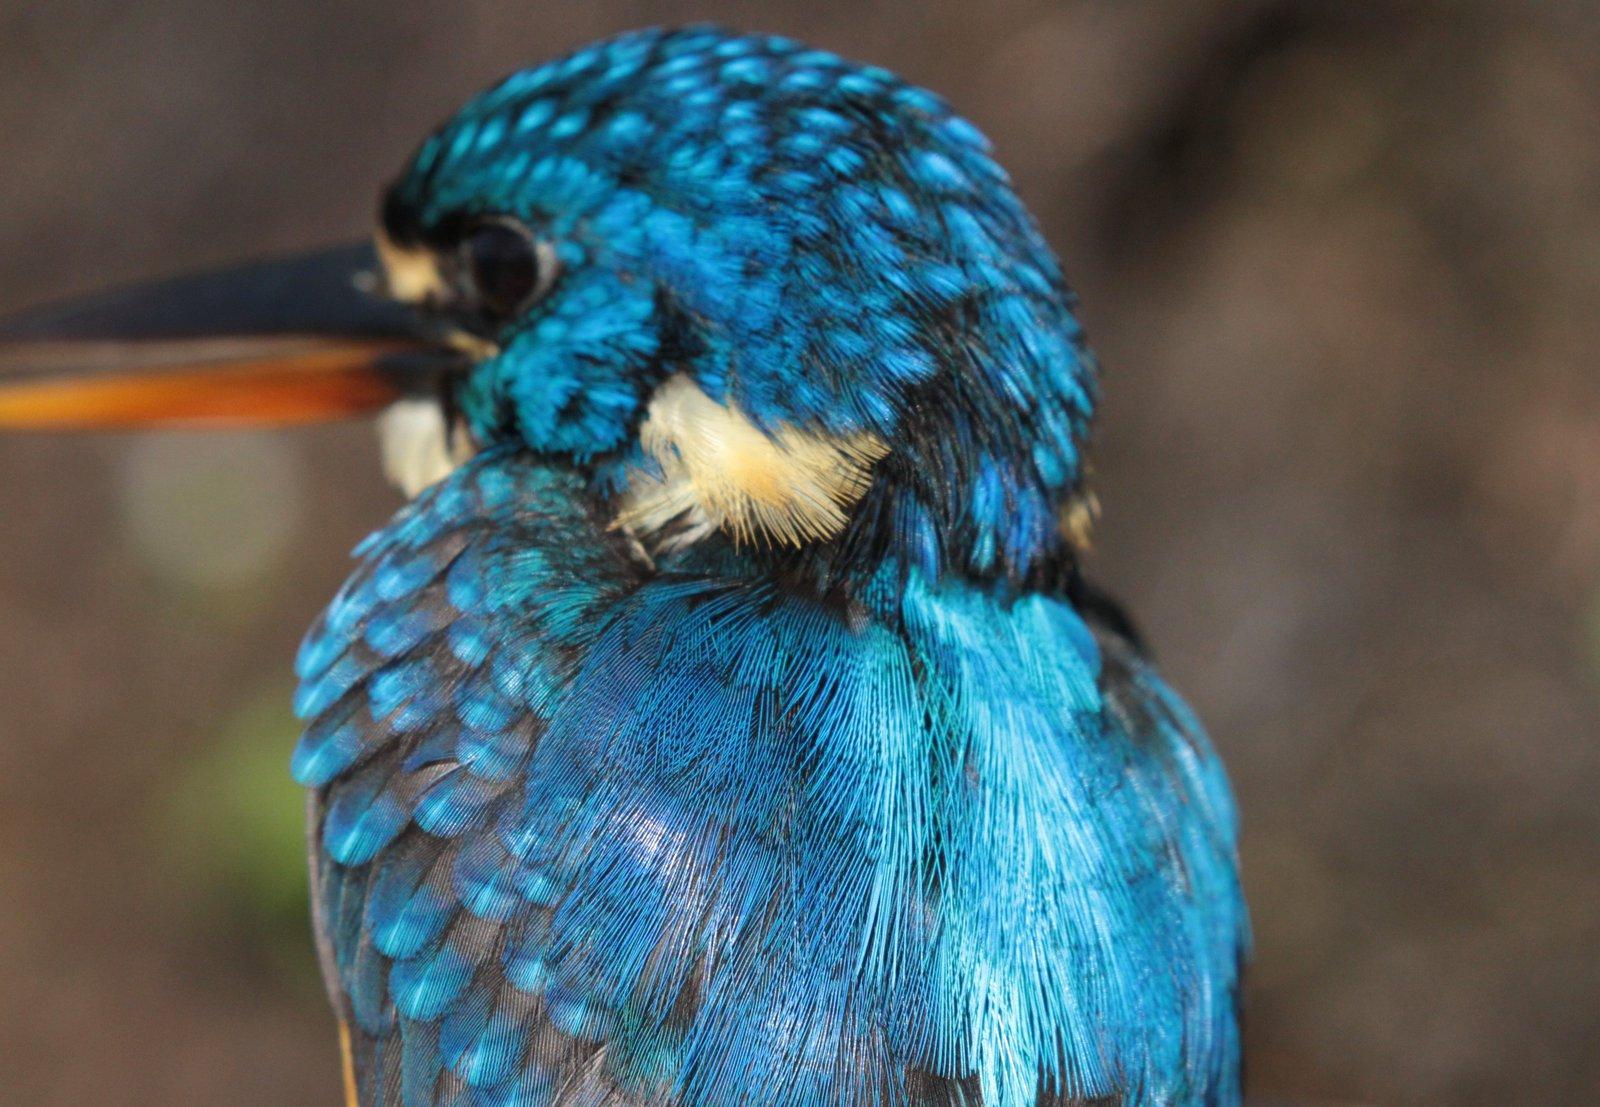 Malaita Dwarf-Kingfisher